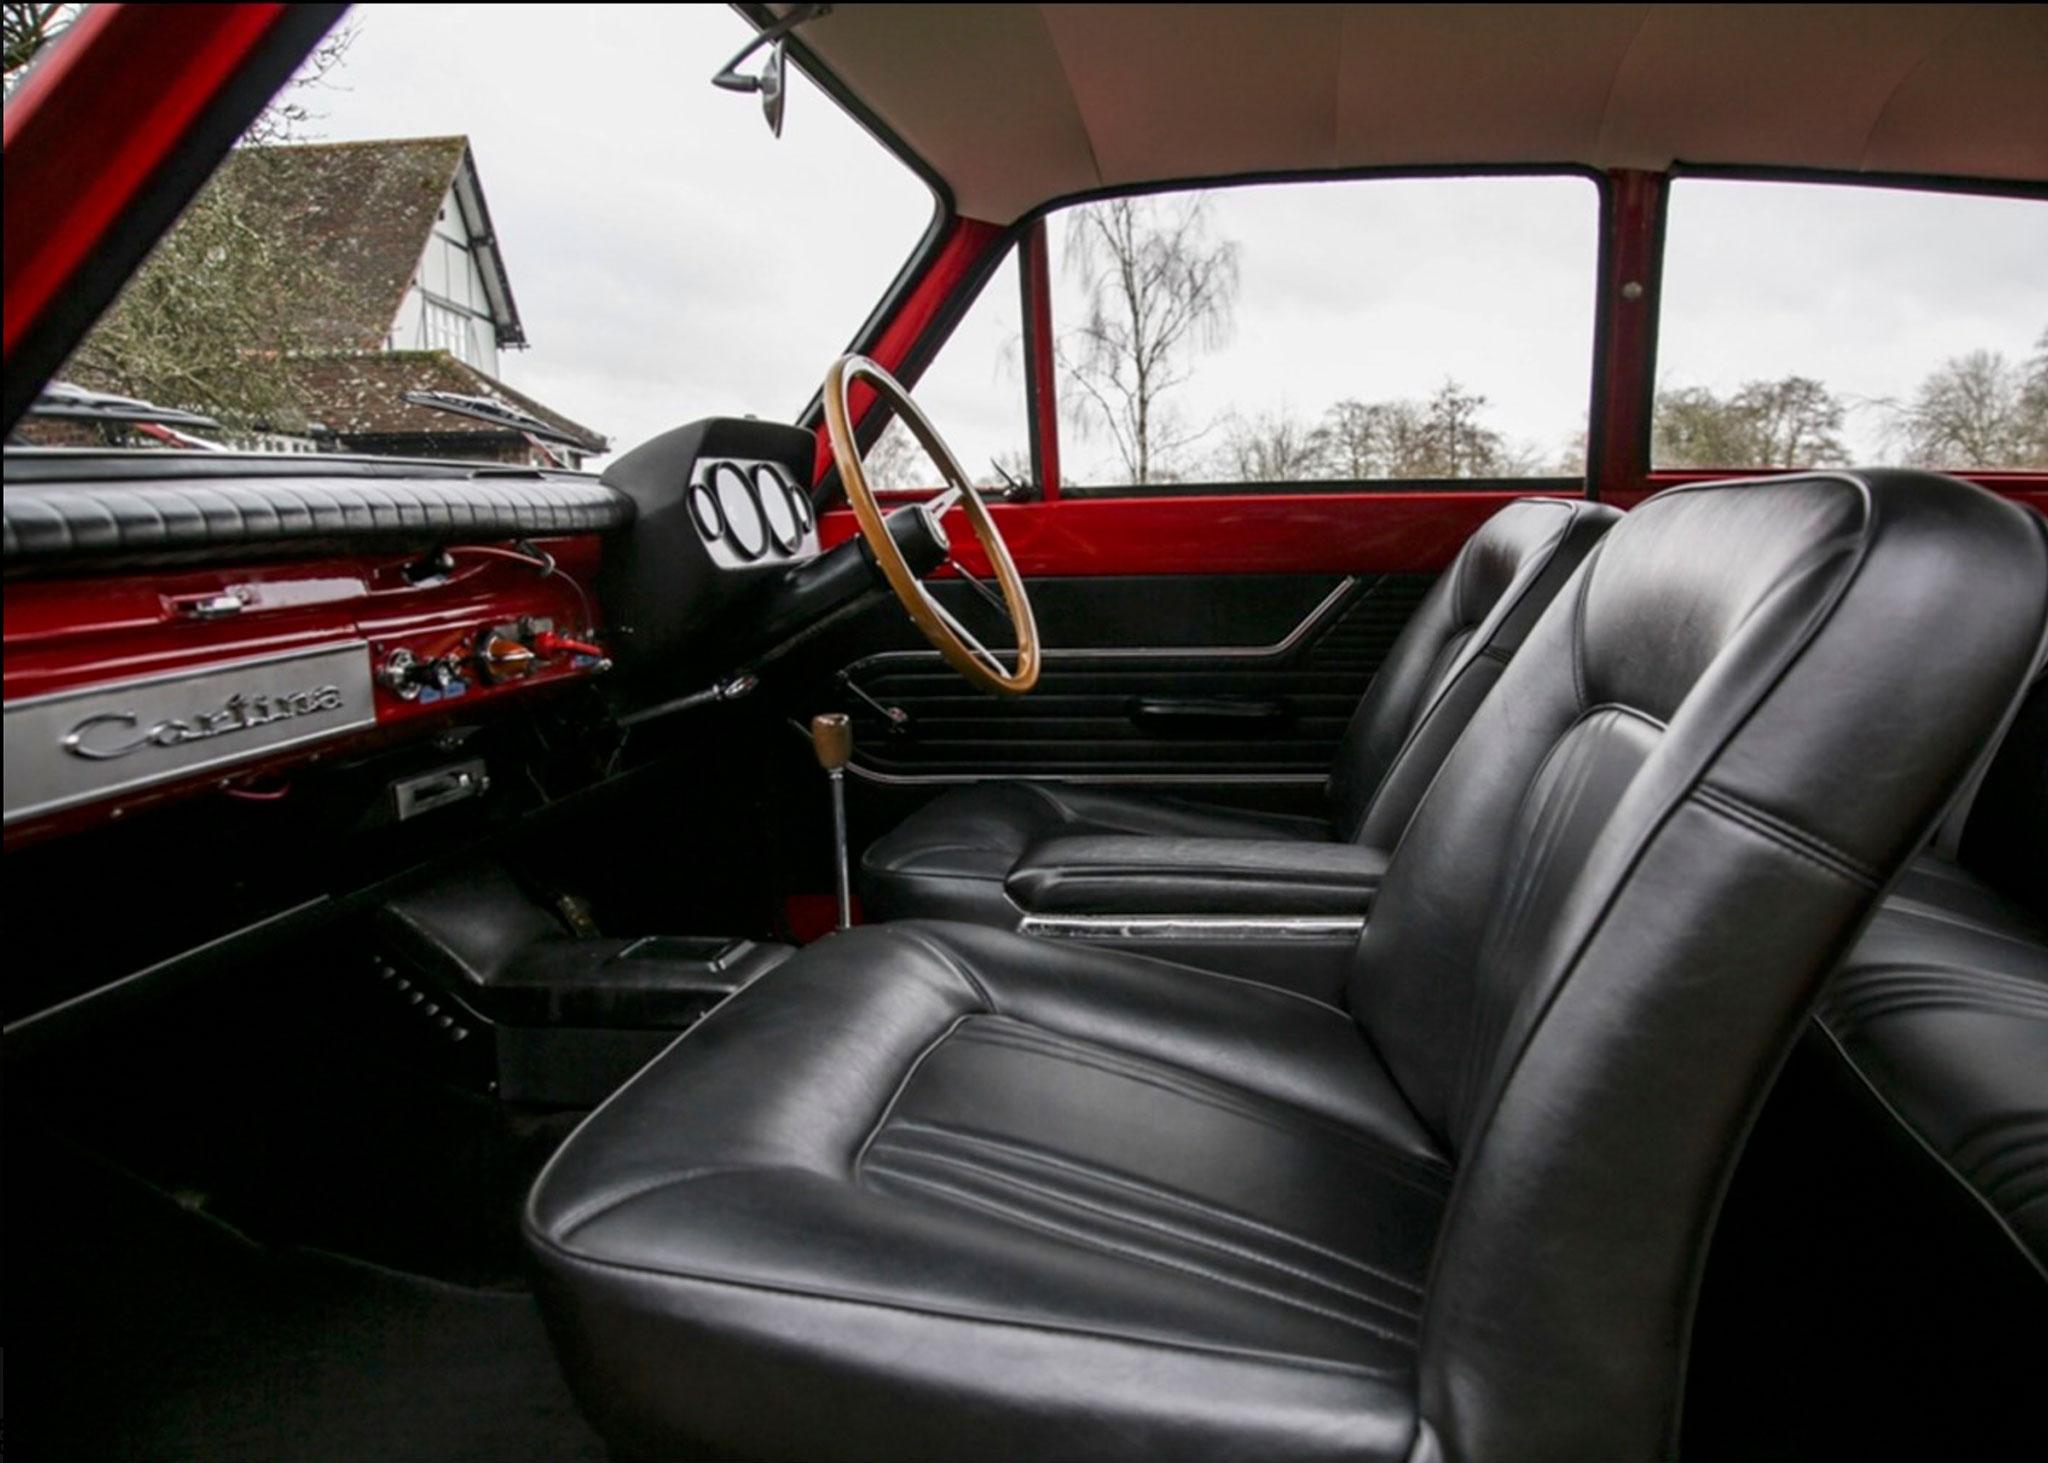 1963 Ford cortina Lotus MK I l'intérieur de la version Lotus offre une nouvelle console et des sièges spécifiques - Coups de Coeur Historics Auctioneers.